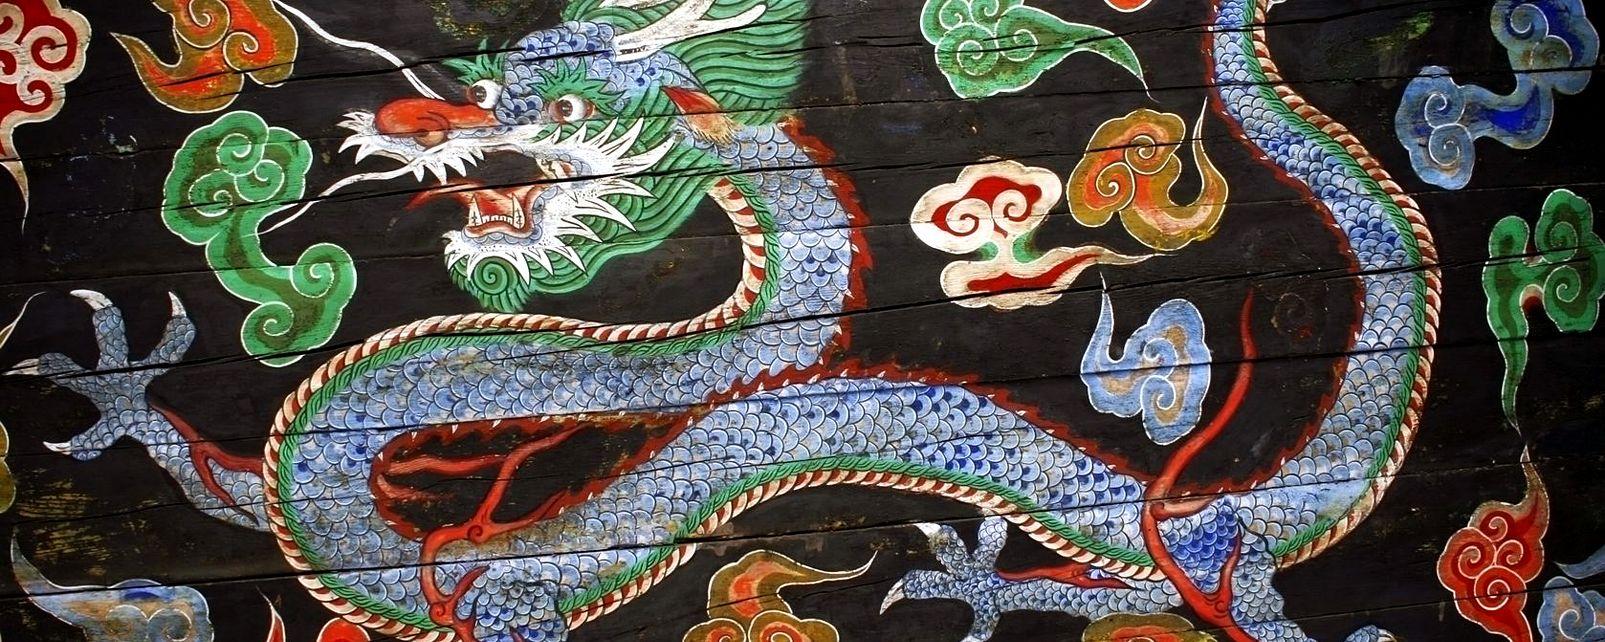 Artes tradicionales, Las artes tradicionales, Arte y cultura, Corea del Sur